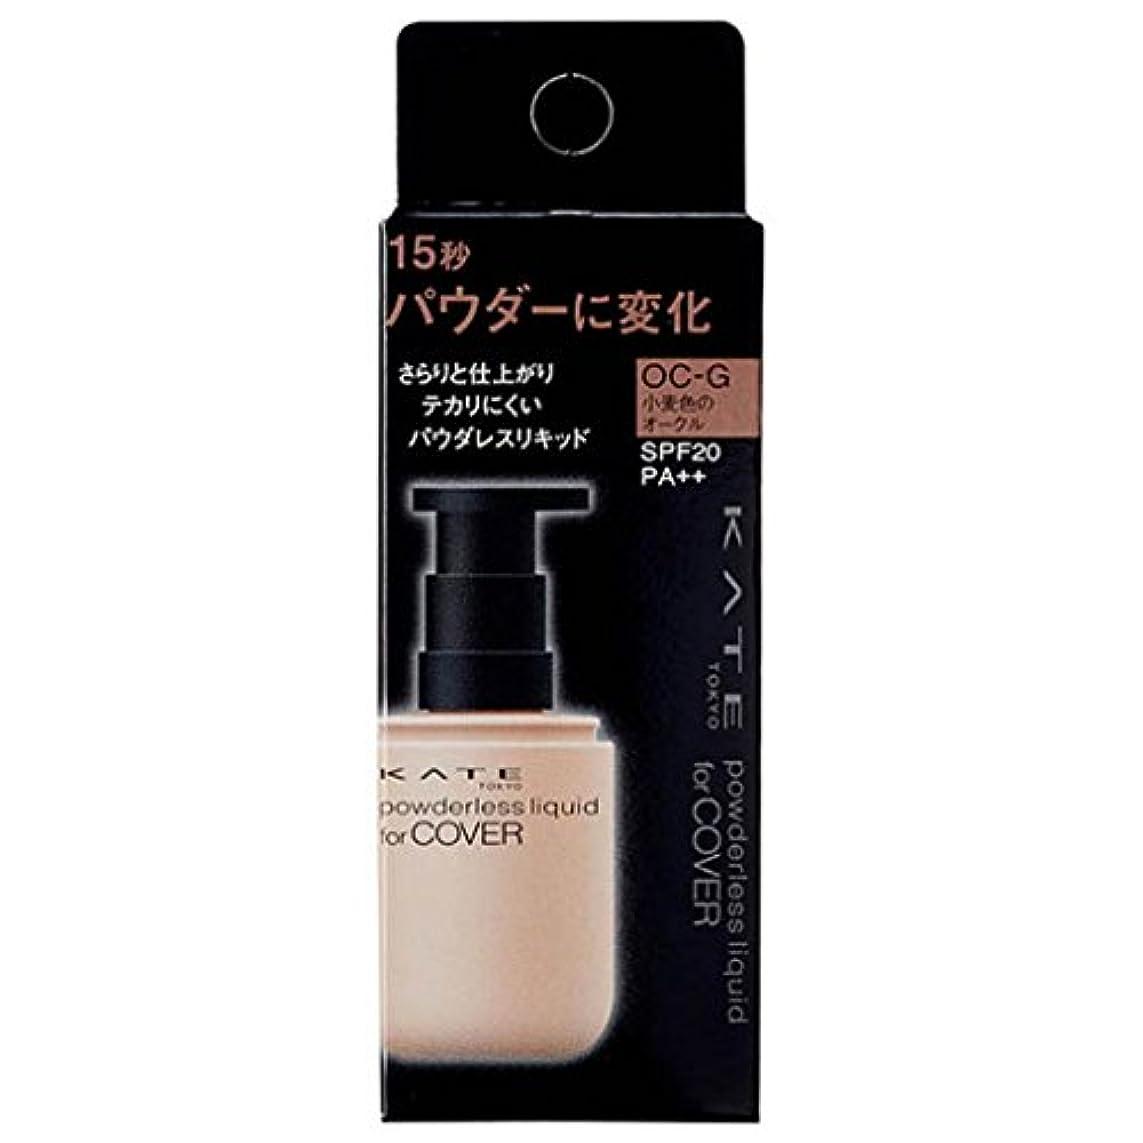 課すクスコ道路KATE(ケイト) カネボウ化粧品 パウダレスリキッド ファンデーション 30ml OC-G(オークル-G)